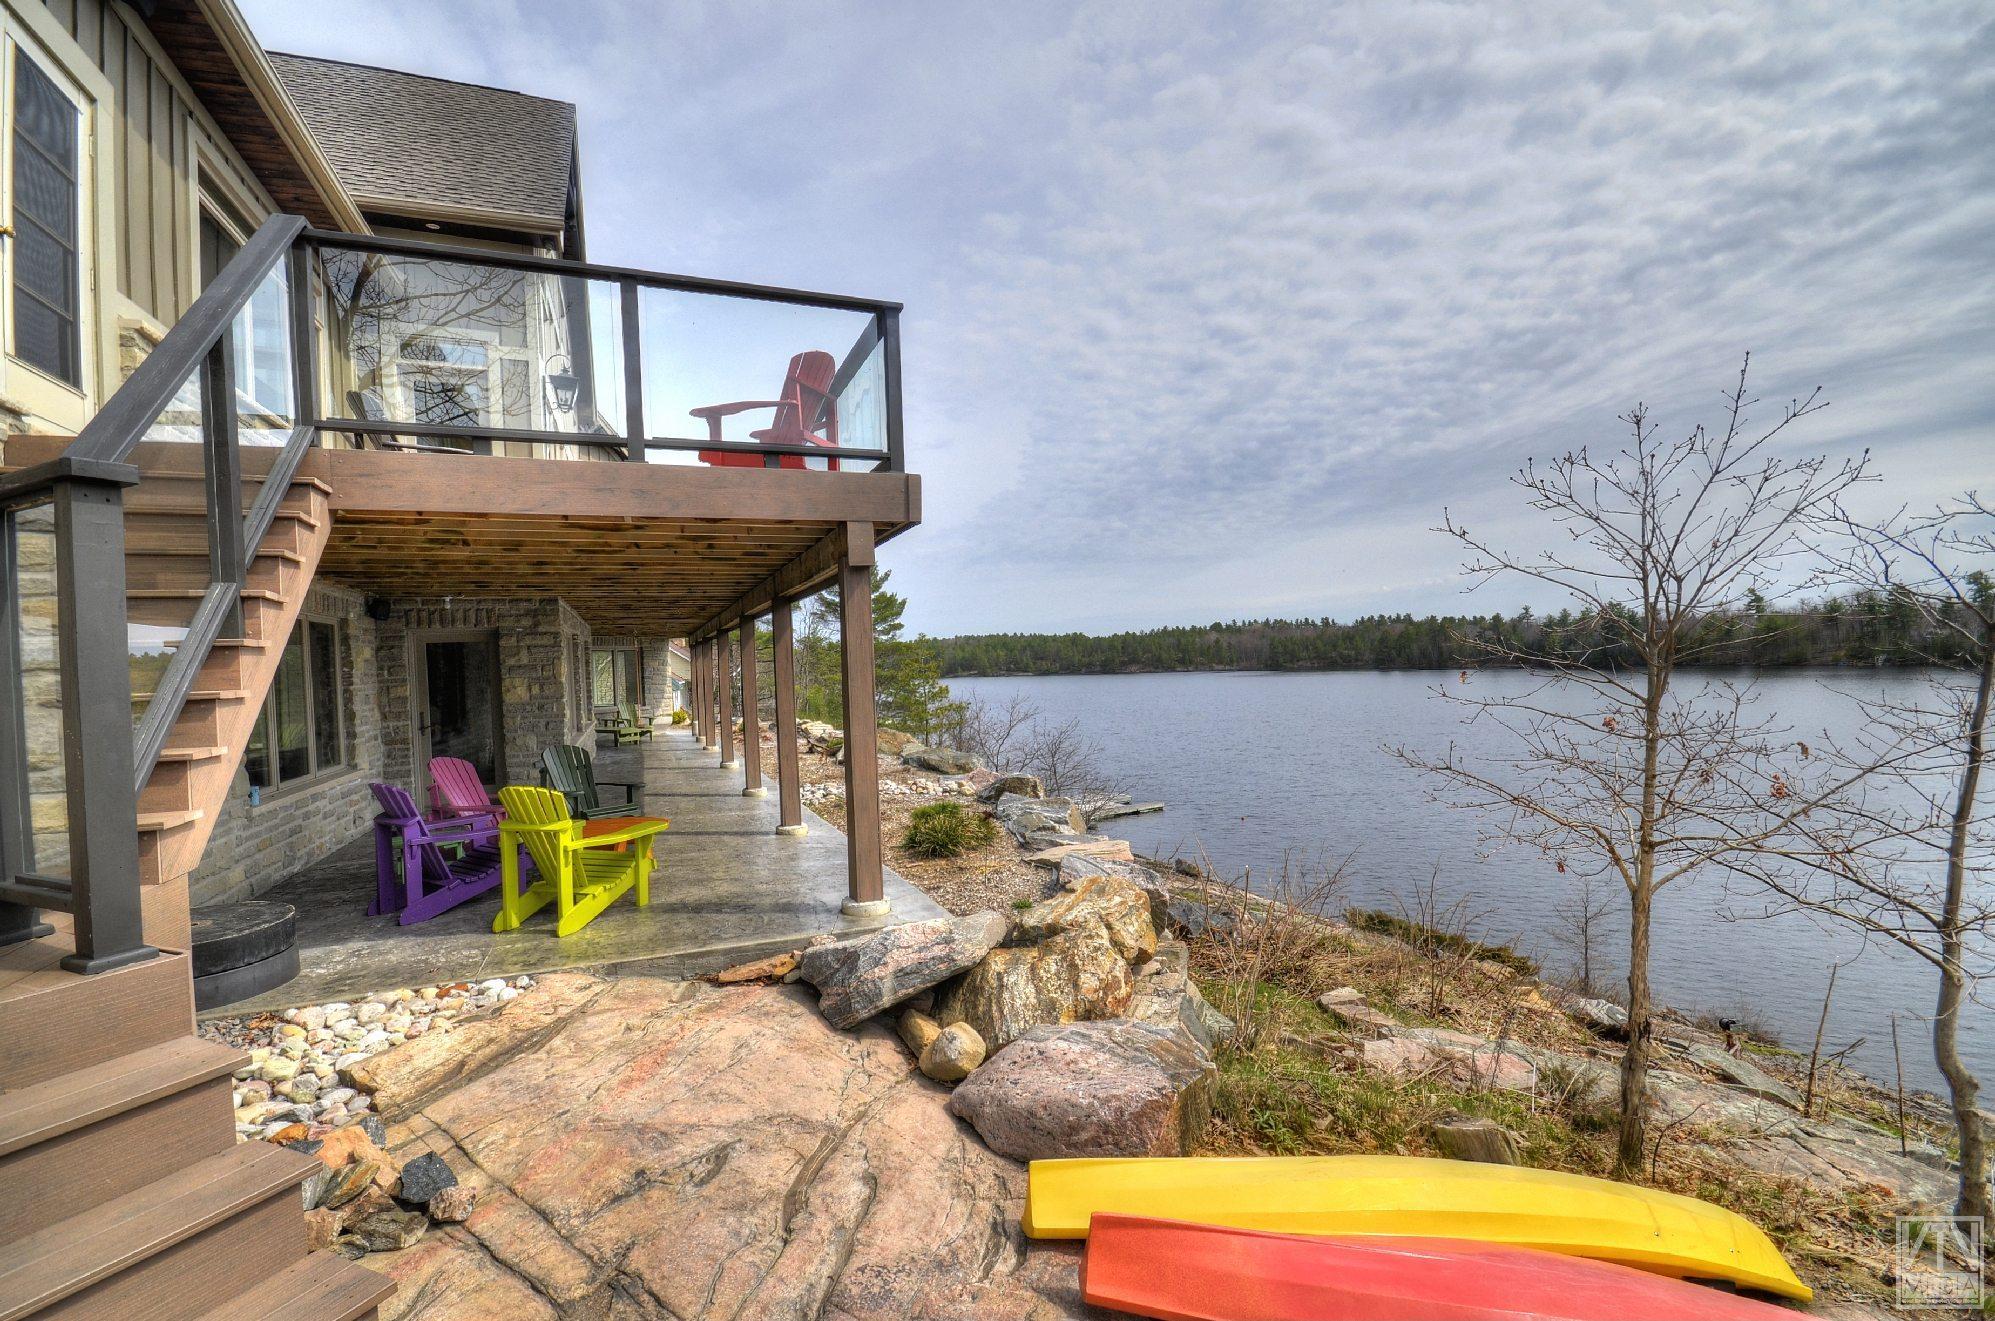 severn-cottage-for-sale-4289-delta-road-west-17